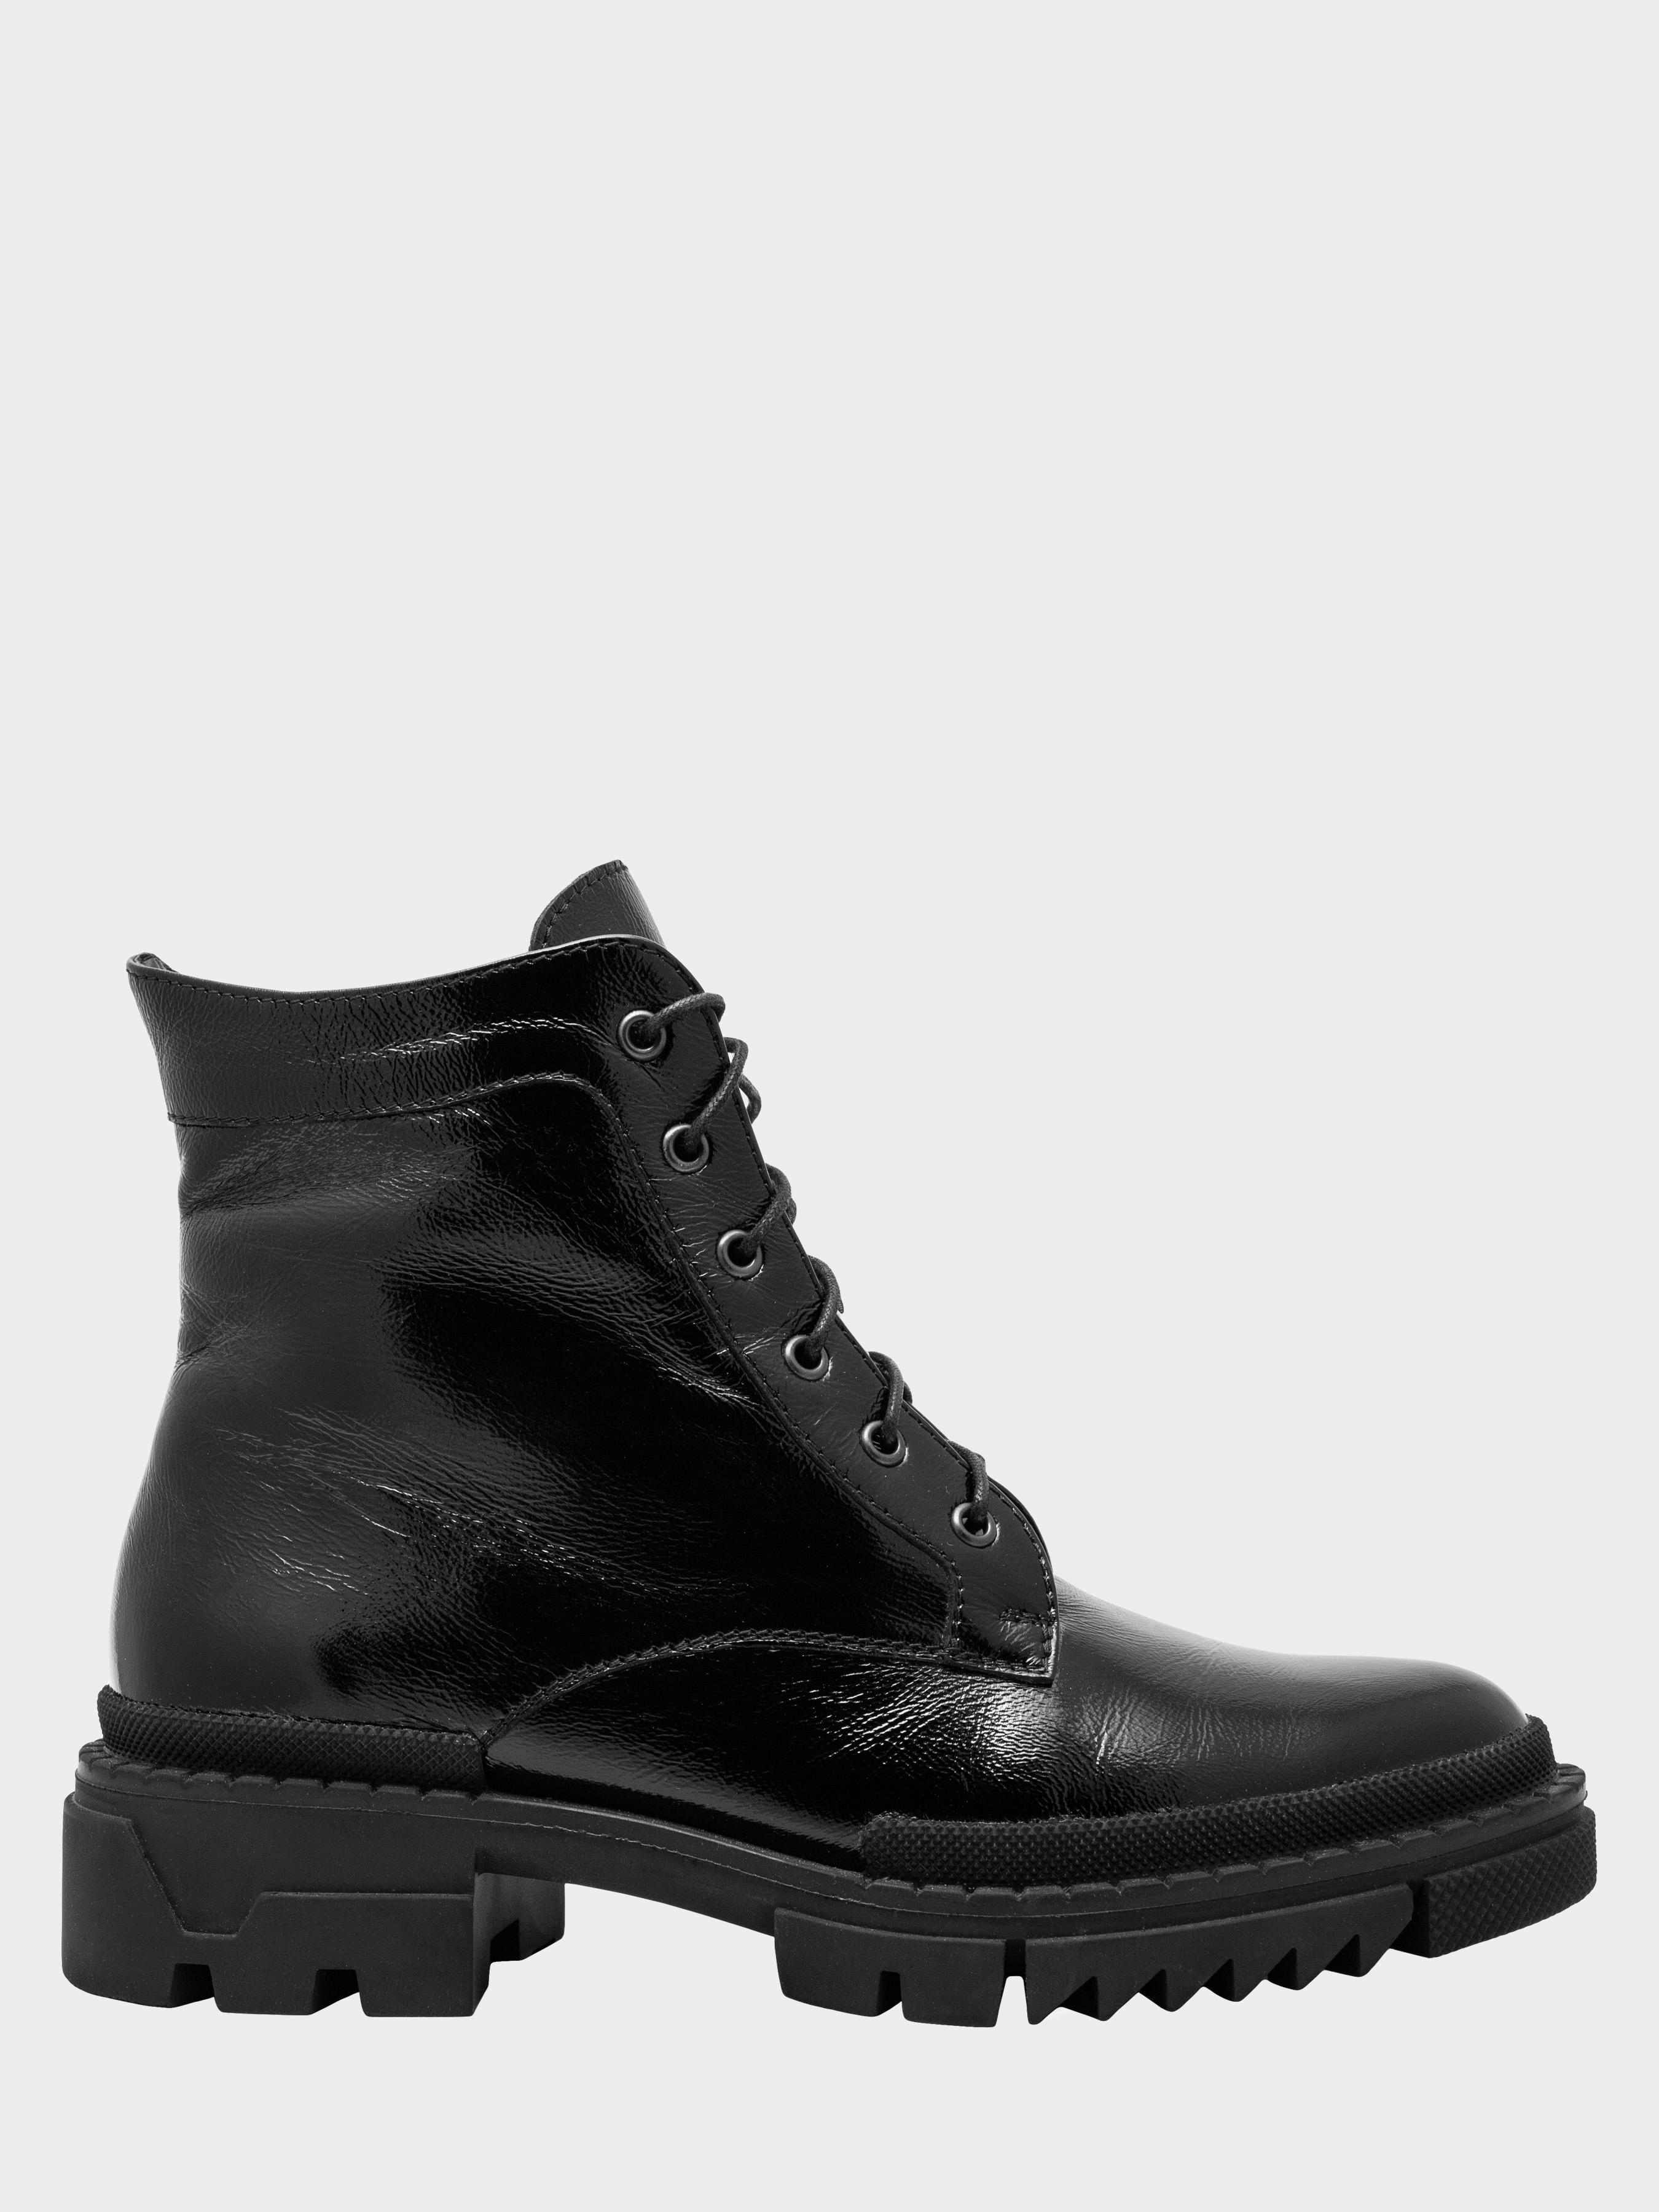 Ботинки для женщин Ботинки женские ENZO VERRATTI 18-7449-3napblack бесплатная доставка, 2017